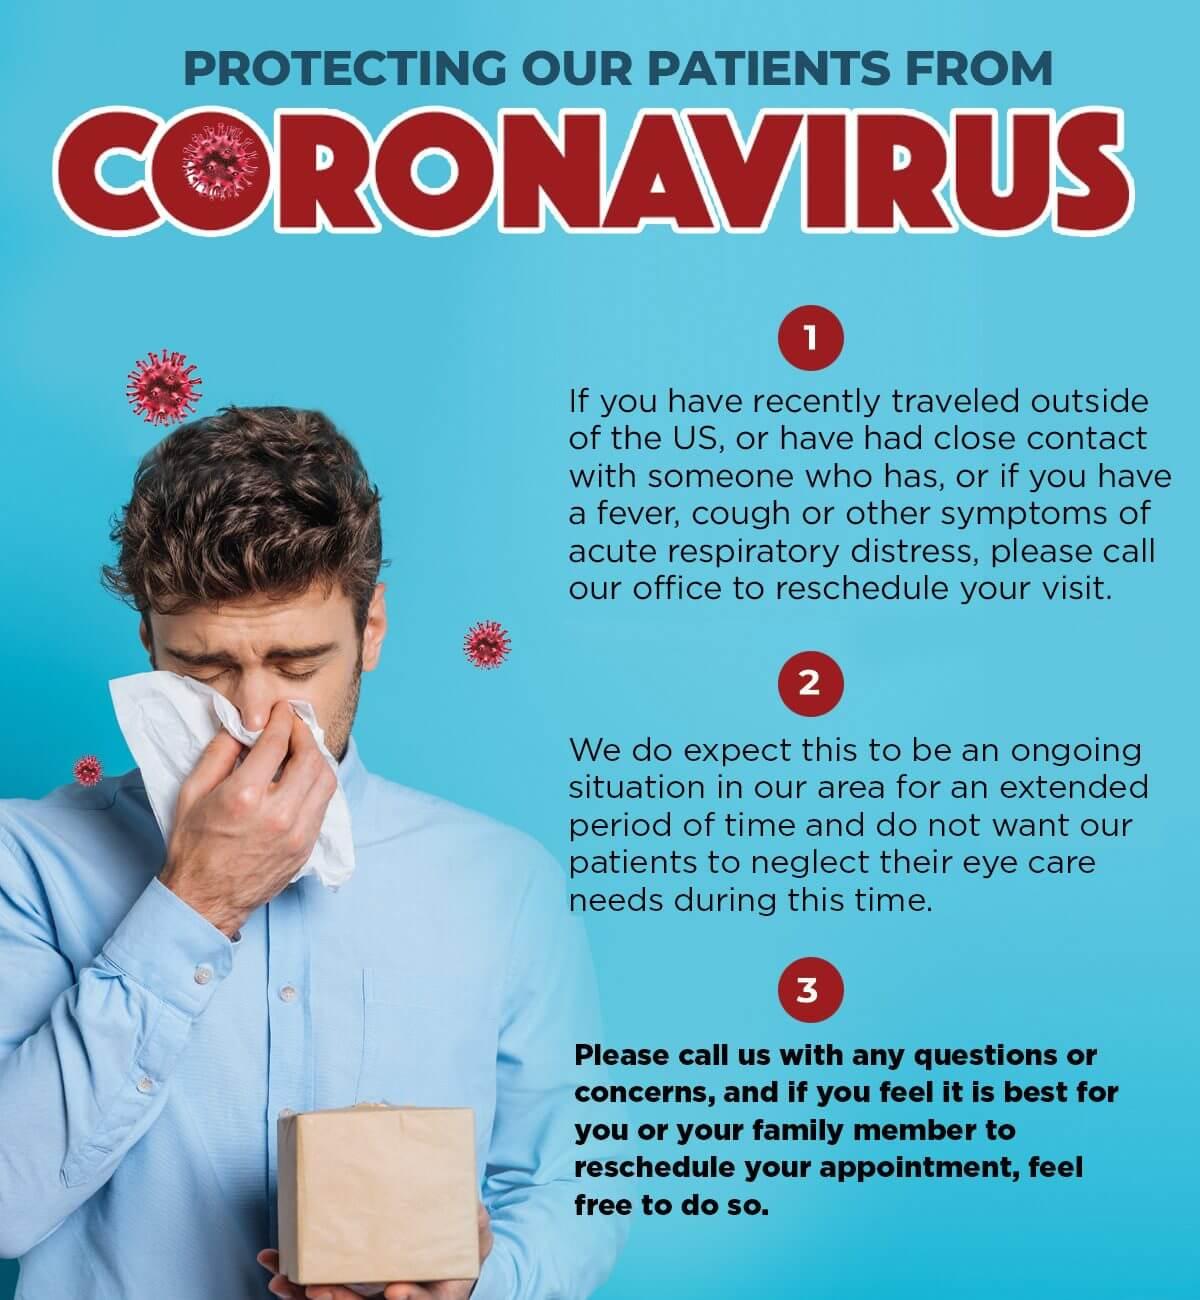 EyeCarePro Coronavirus FB Post 2